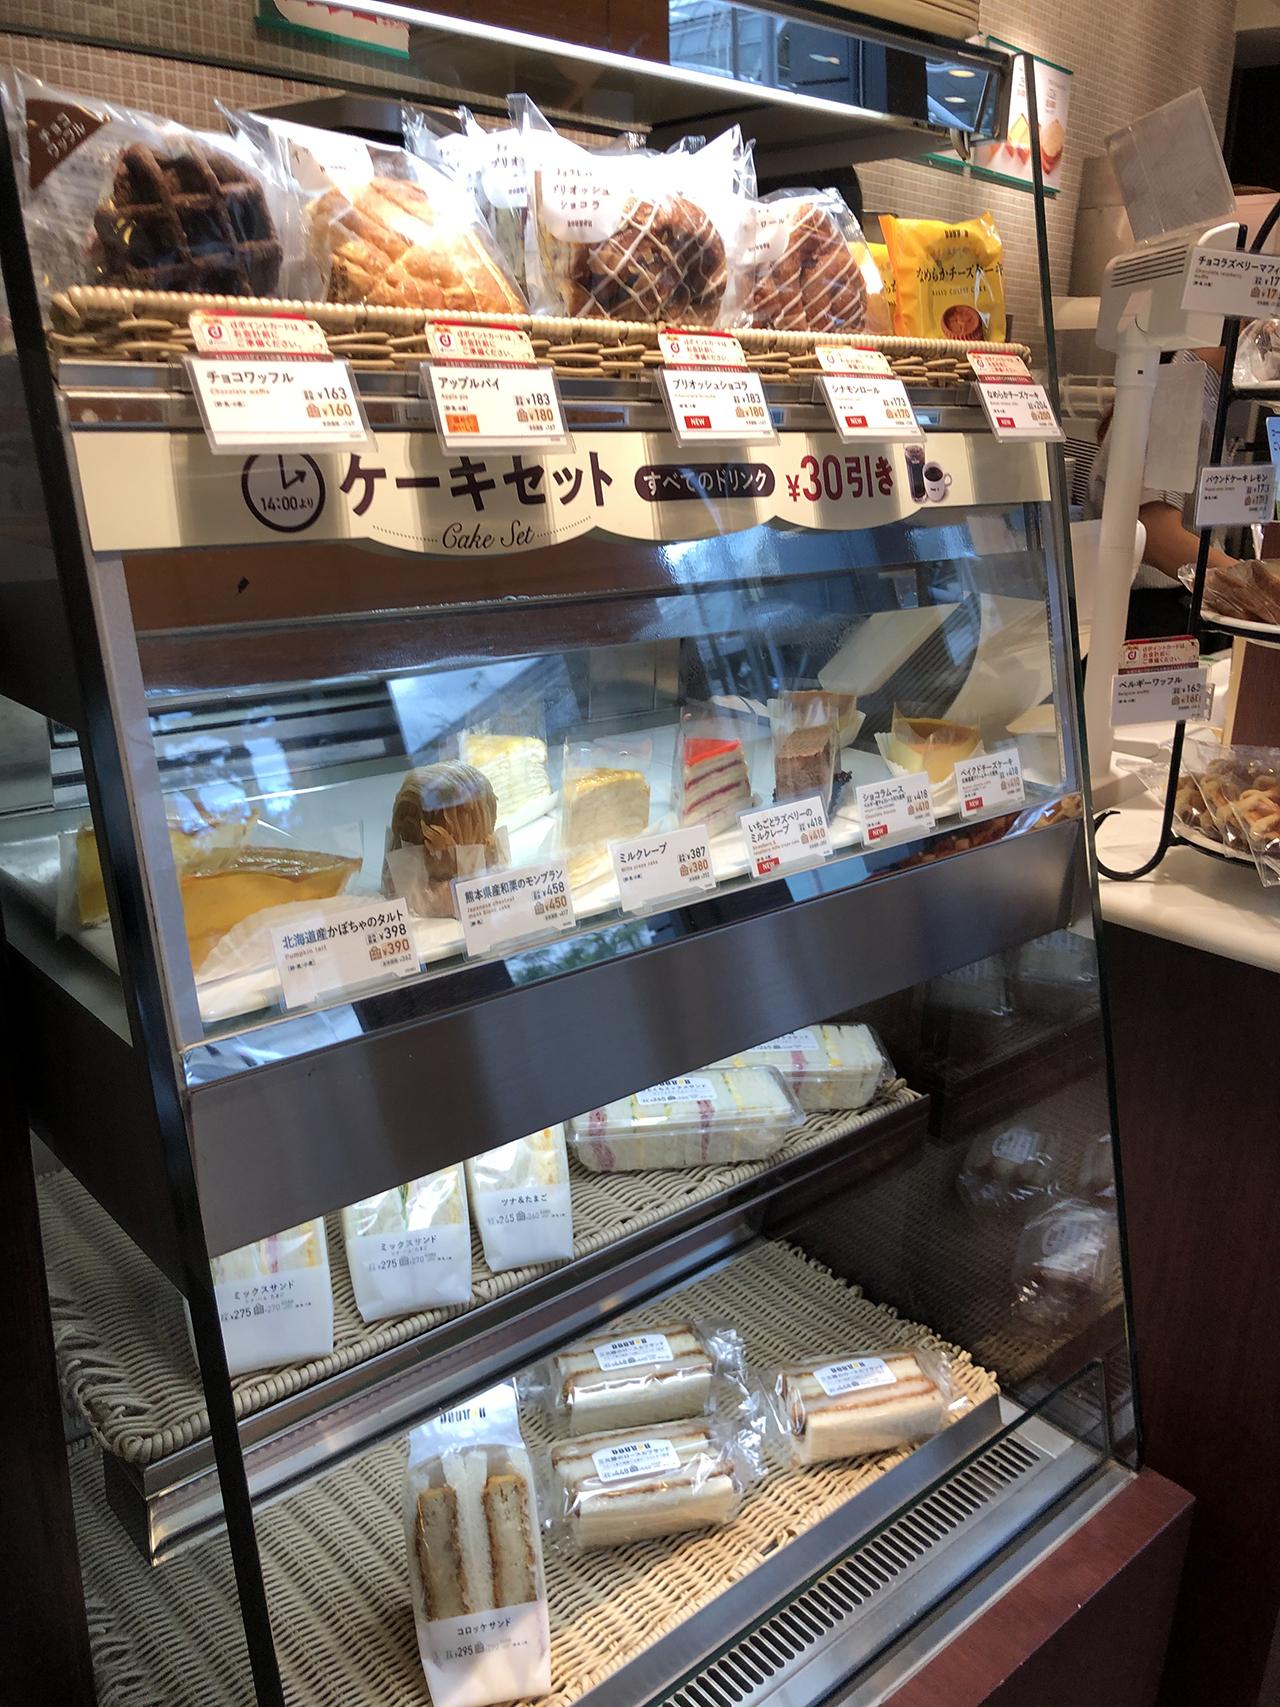 ドトールコーヒーショップ 千葉県庁前駅前店の投稿写真4